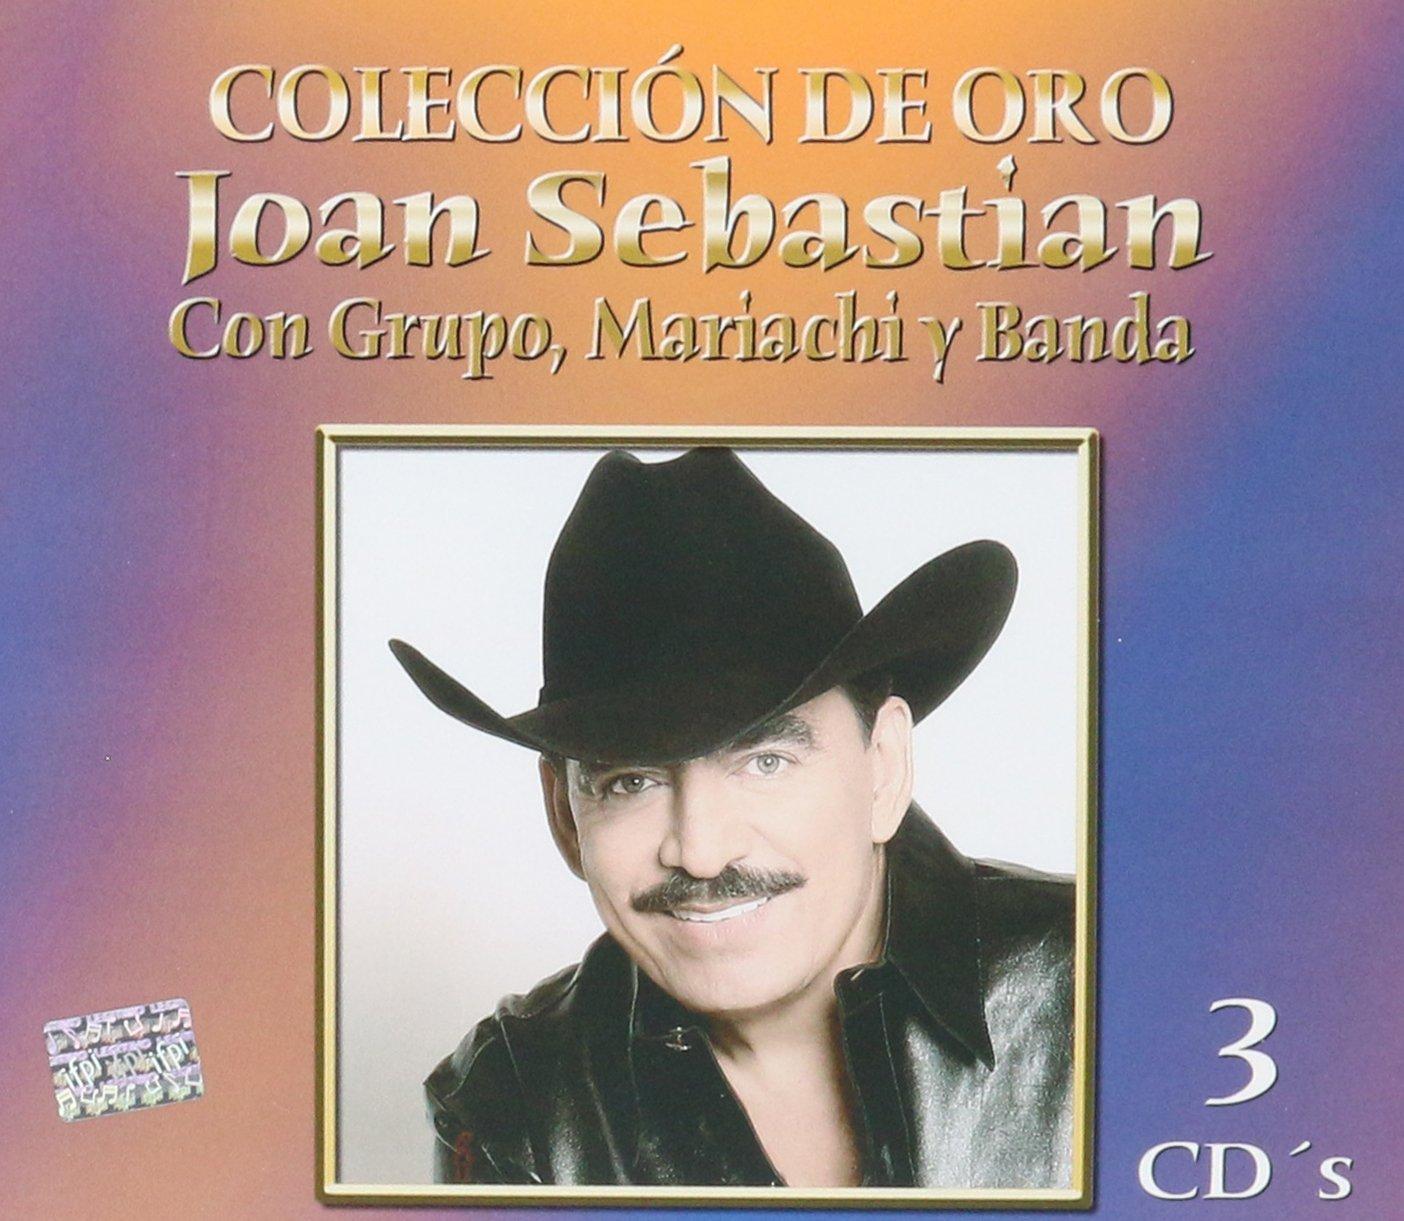 Coleccion De Oro : Con Grupo Mariachi y Banda 3CDs